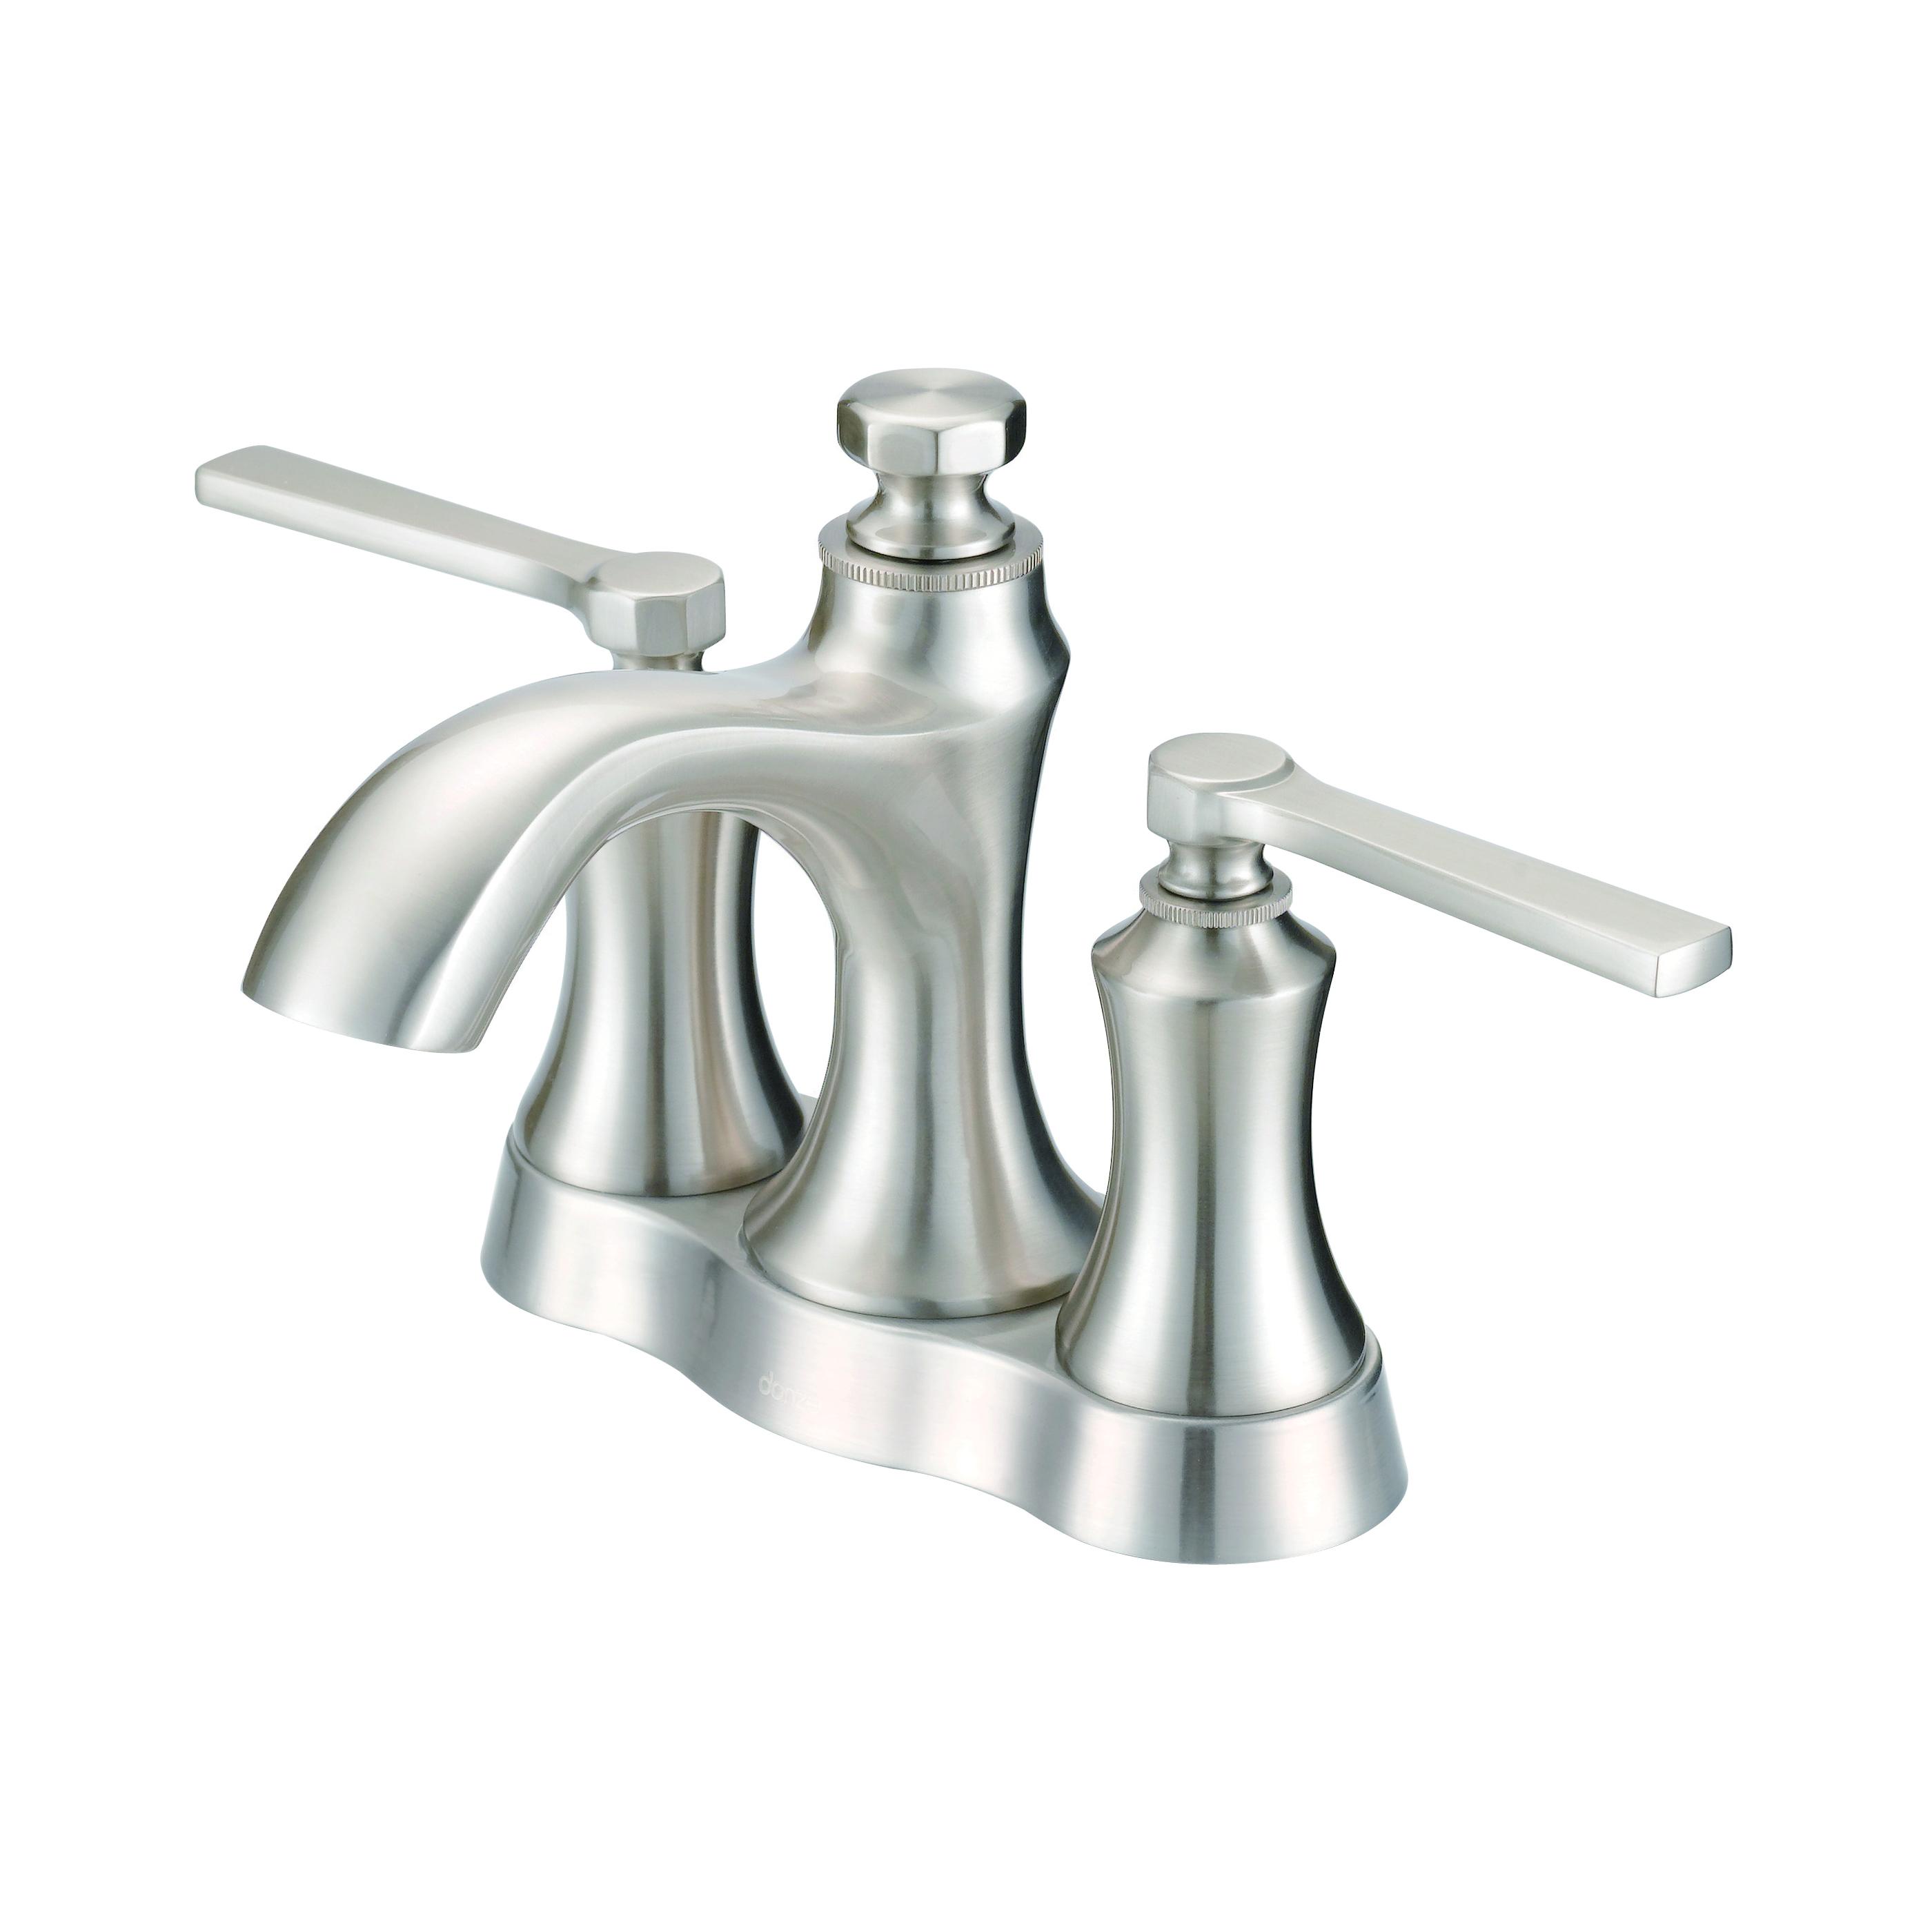 d307028bn centerset lavatory faucet